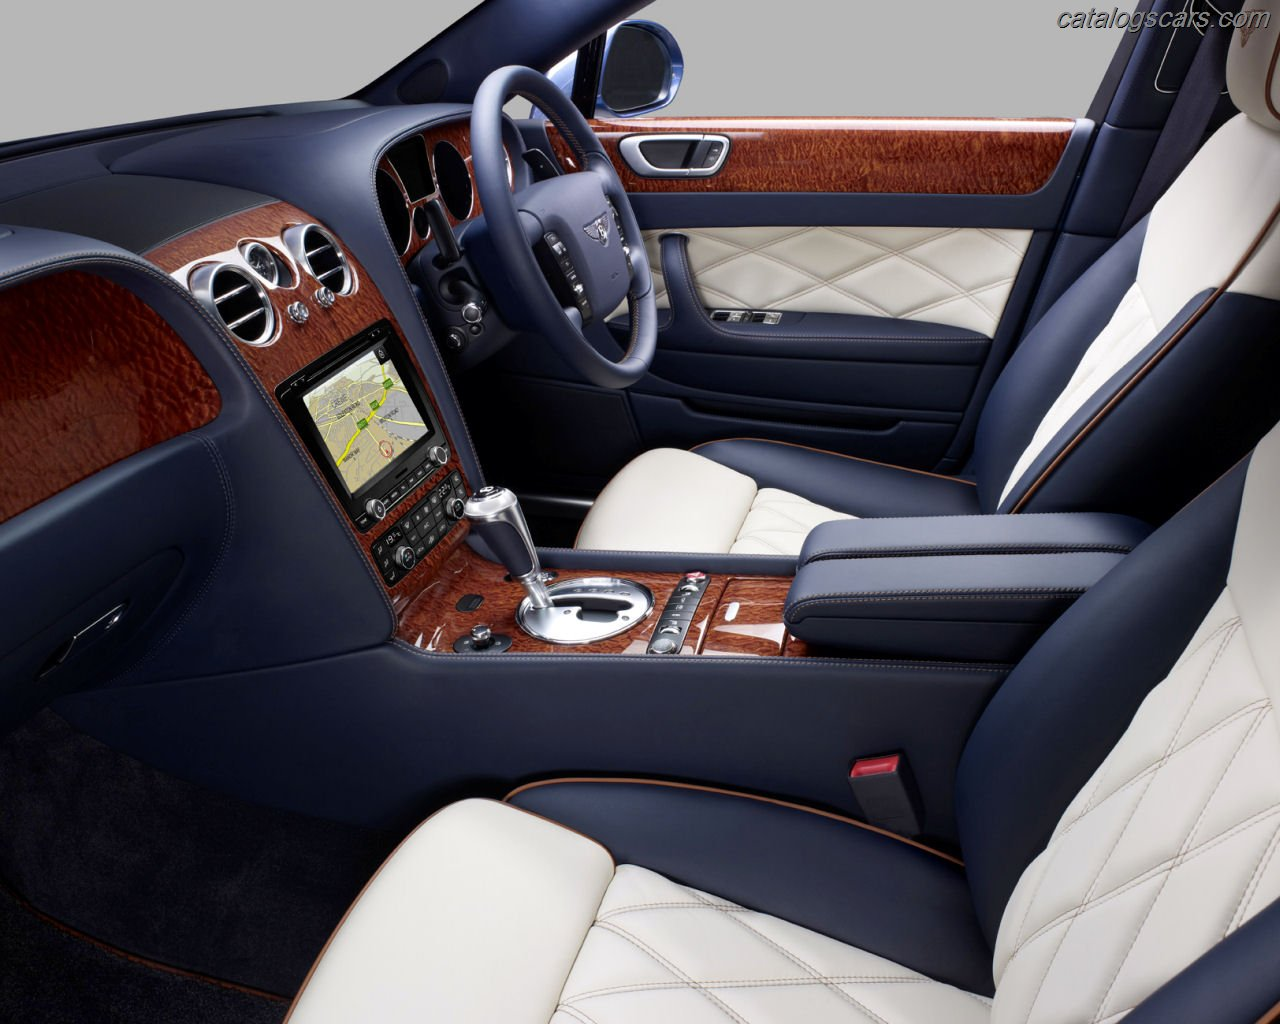 صور سيارة بنتلى كونتيننتال سيريس 51 2014 - اجمل خلفيات صور عربية بنتلى كونتيننتال سيريس 51 2014 - Bentley Continental Series 51 Photos Bentley-Continental-Series-51-2011-15.jpg